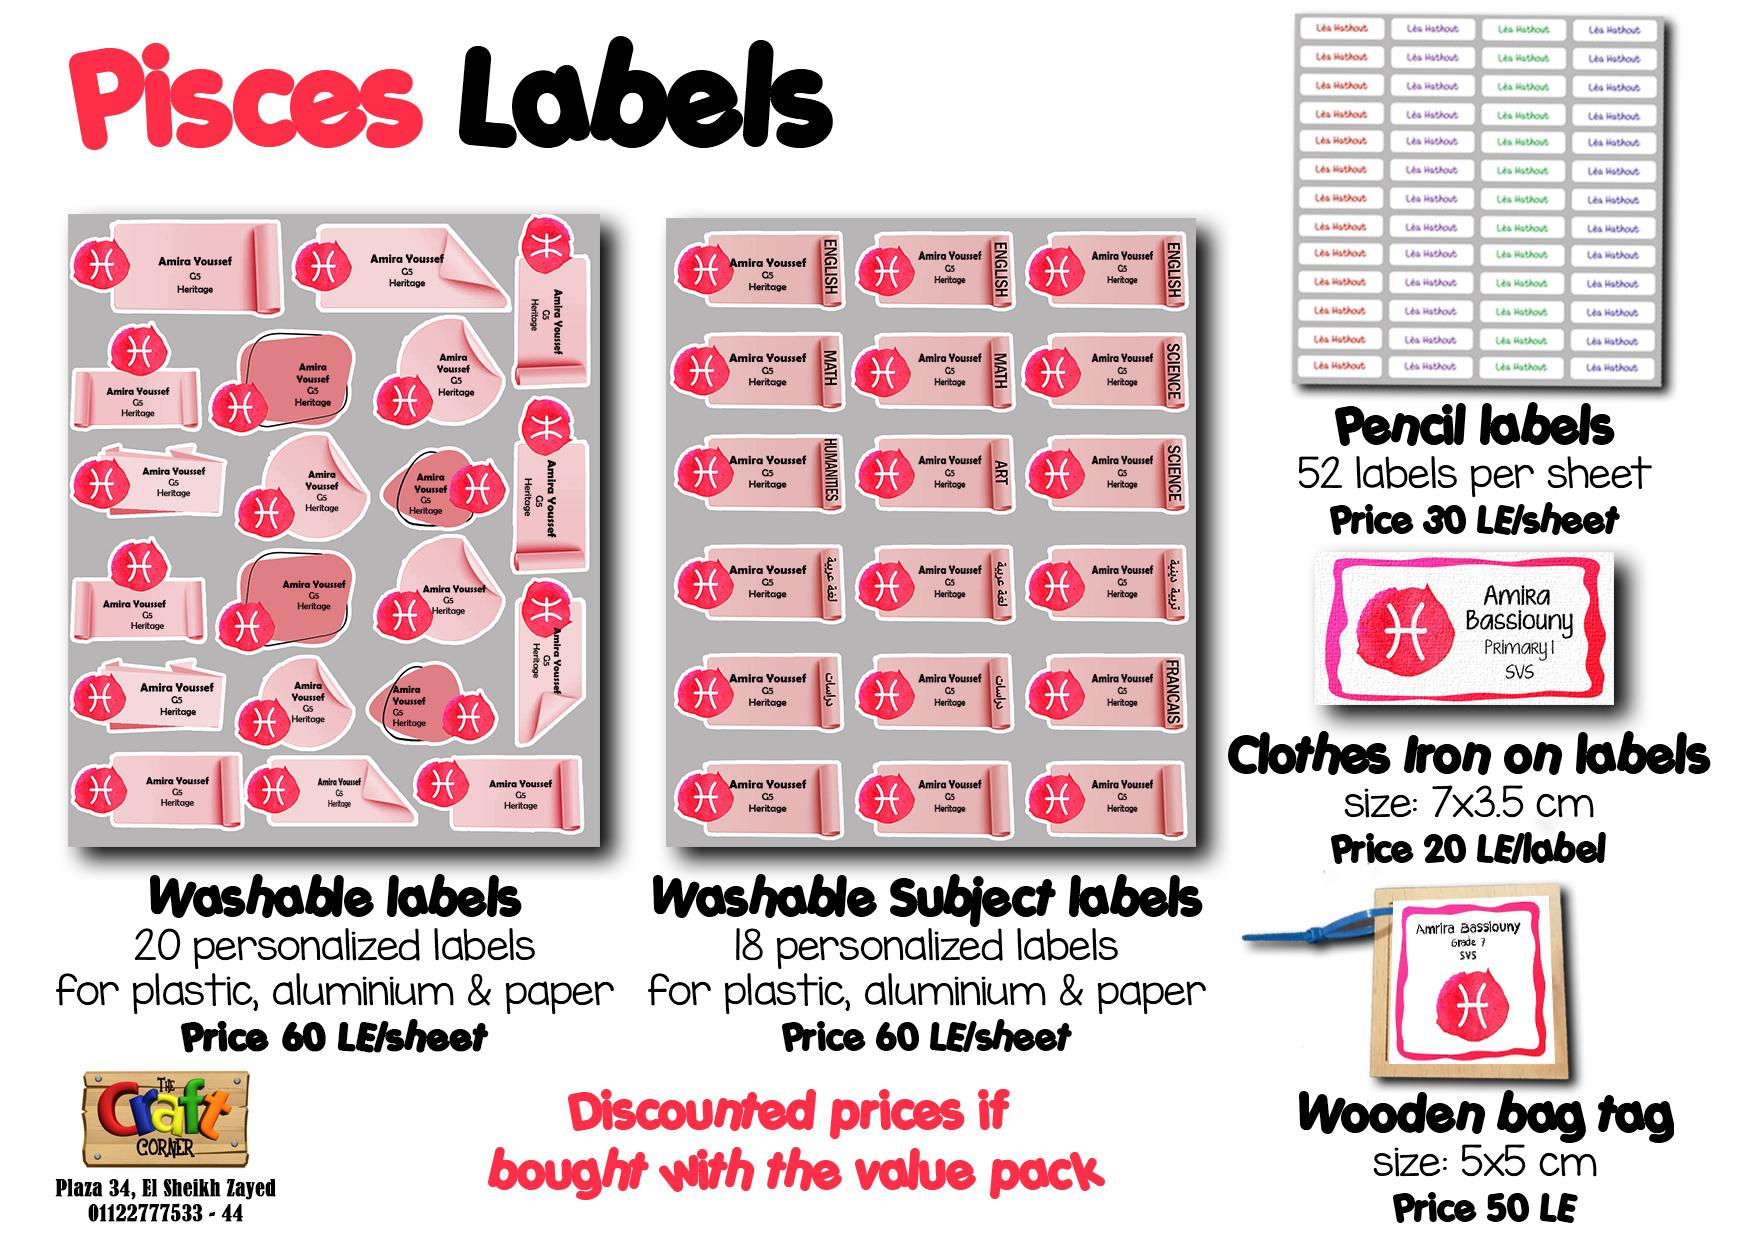 Pisces Labels